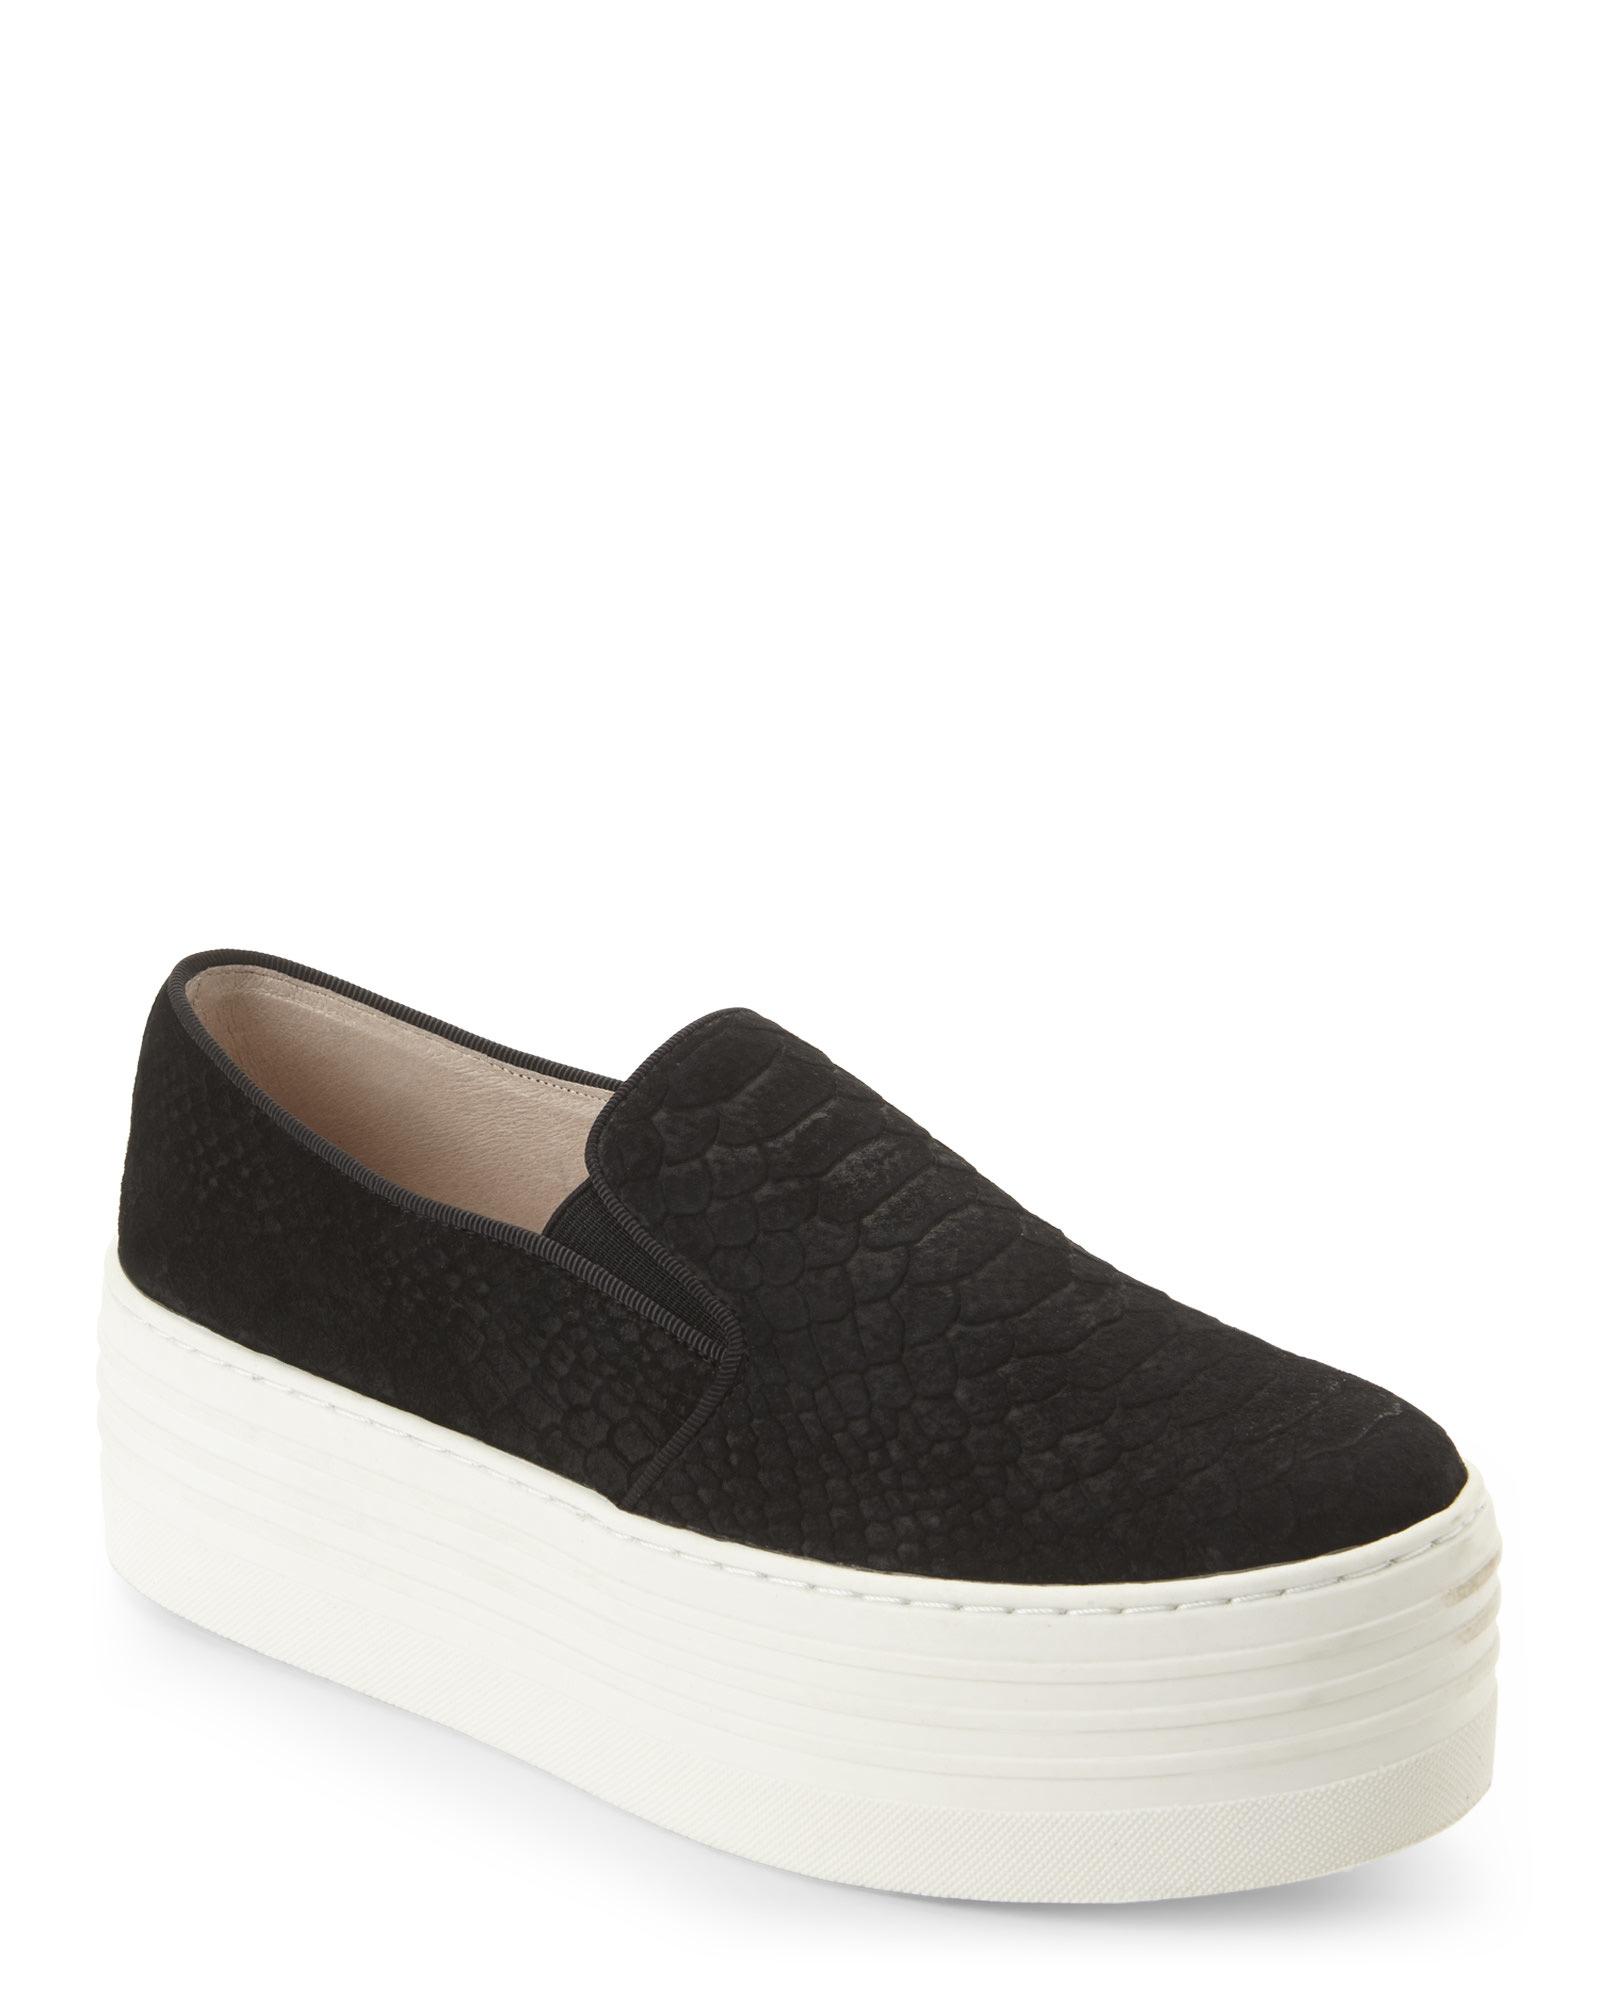 Steve Madden Shoes Slip On Sneakers